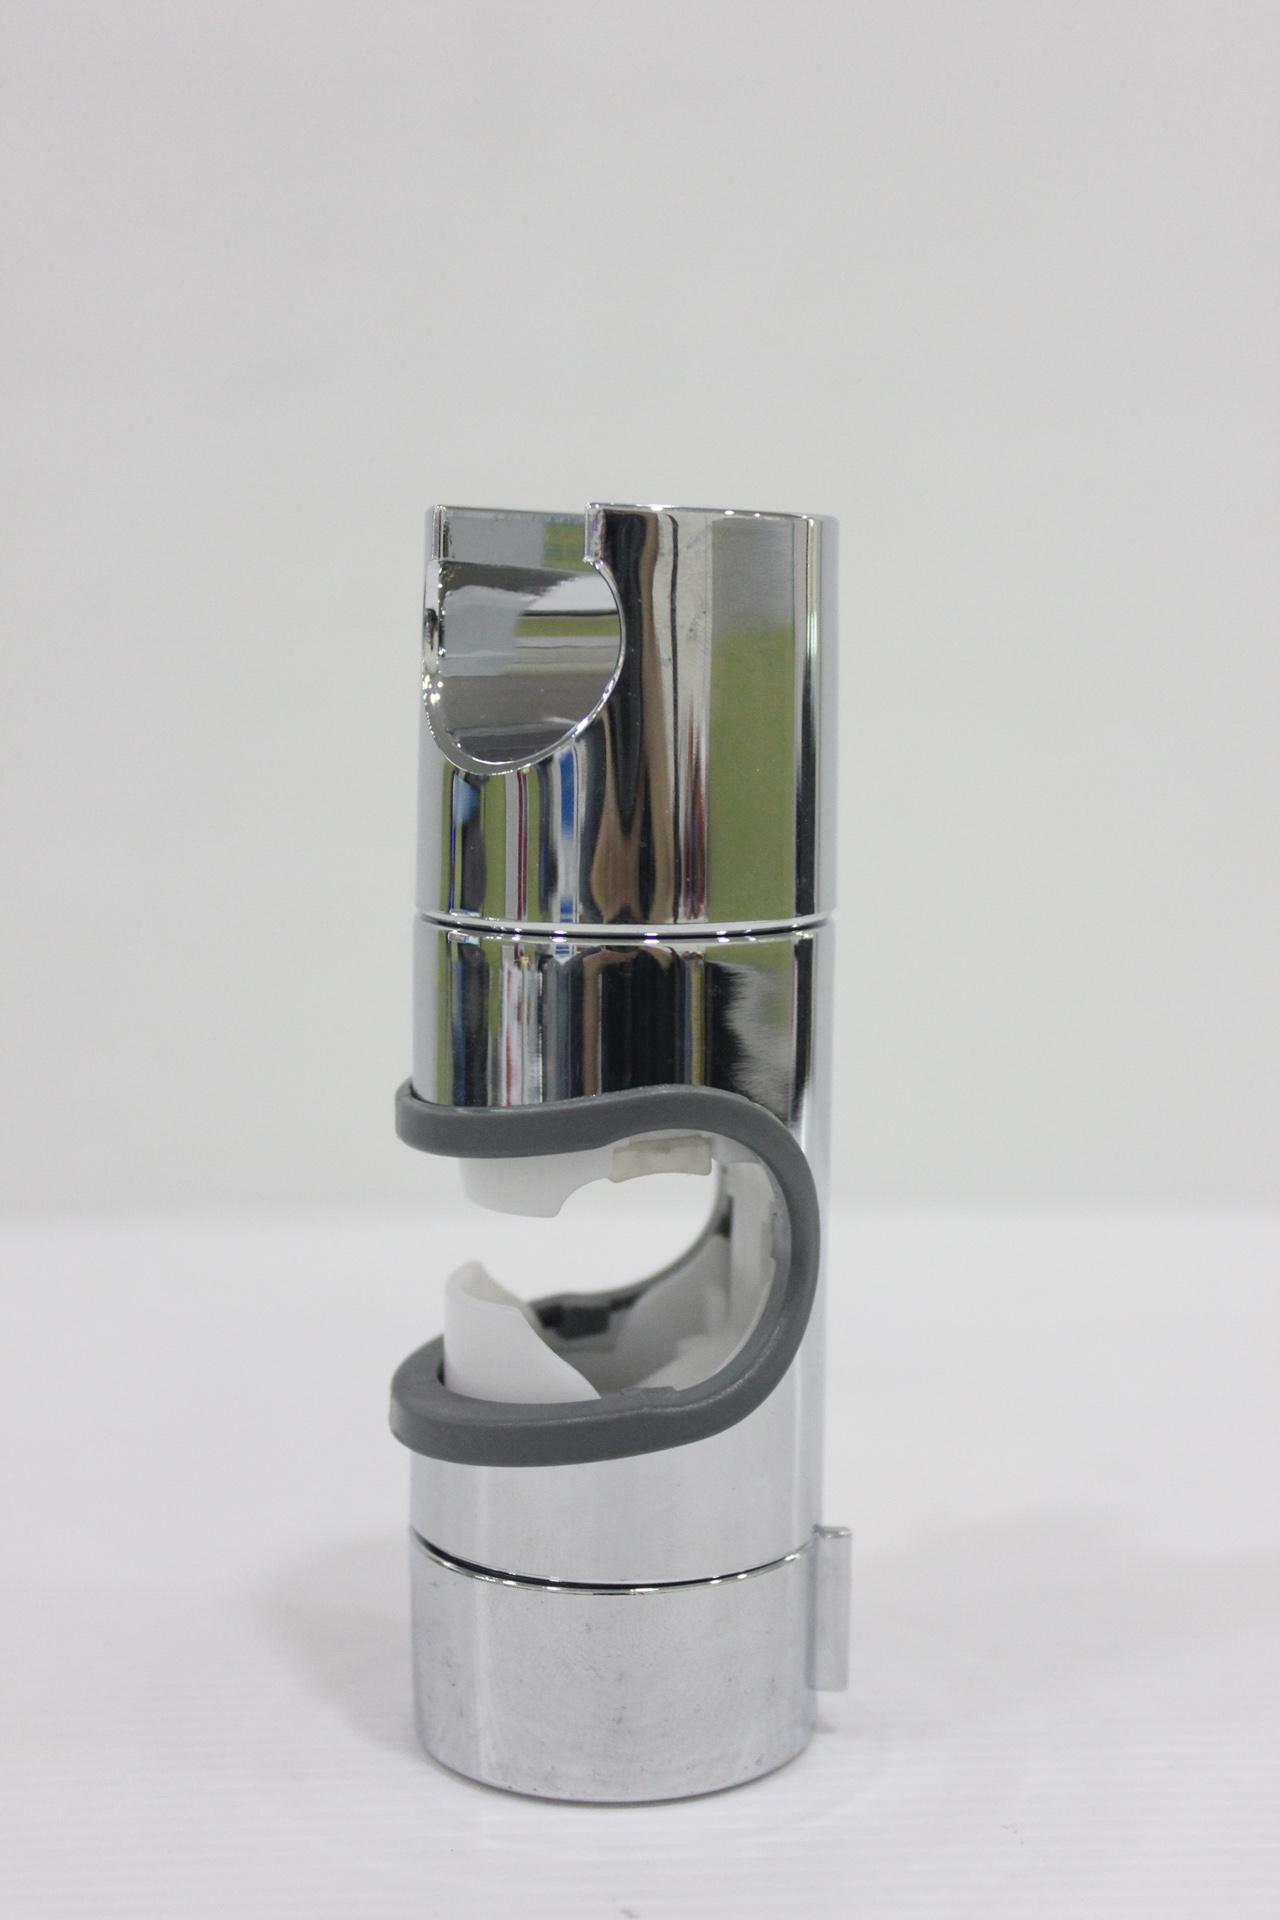 UNIVERSAL SHOWER HEAD HOLDER (CHROME) - A-Tech